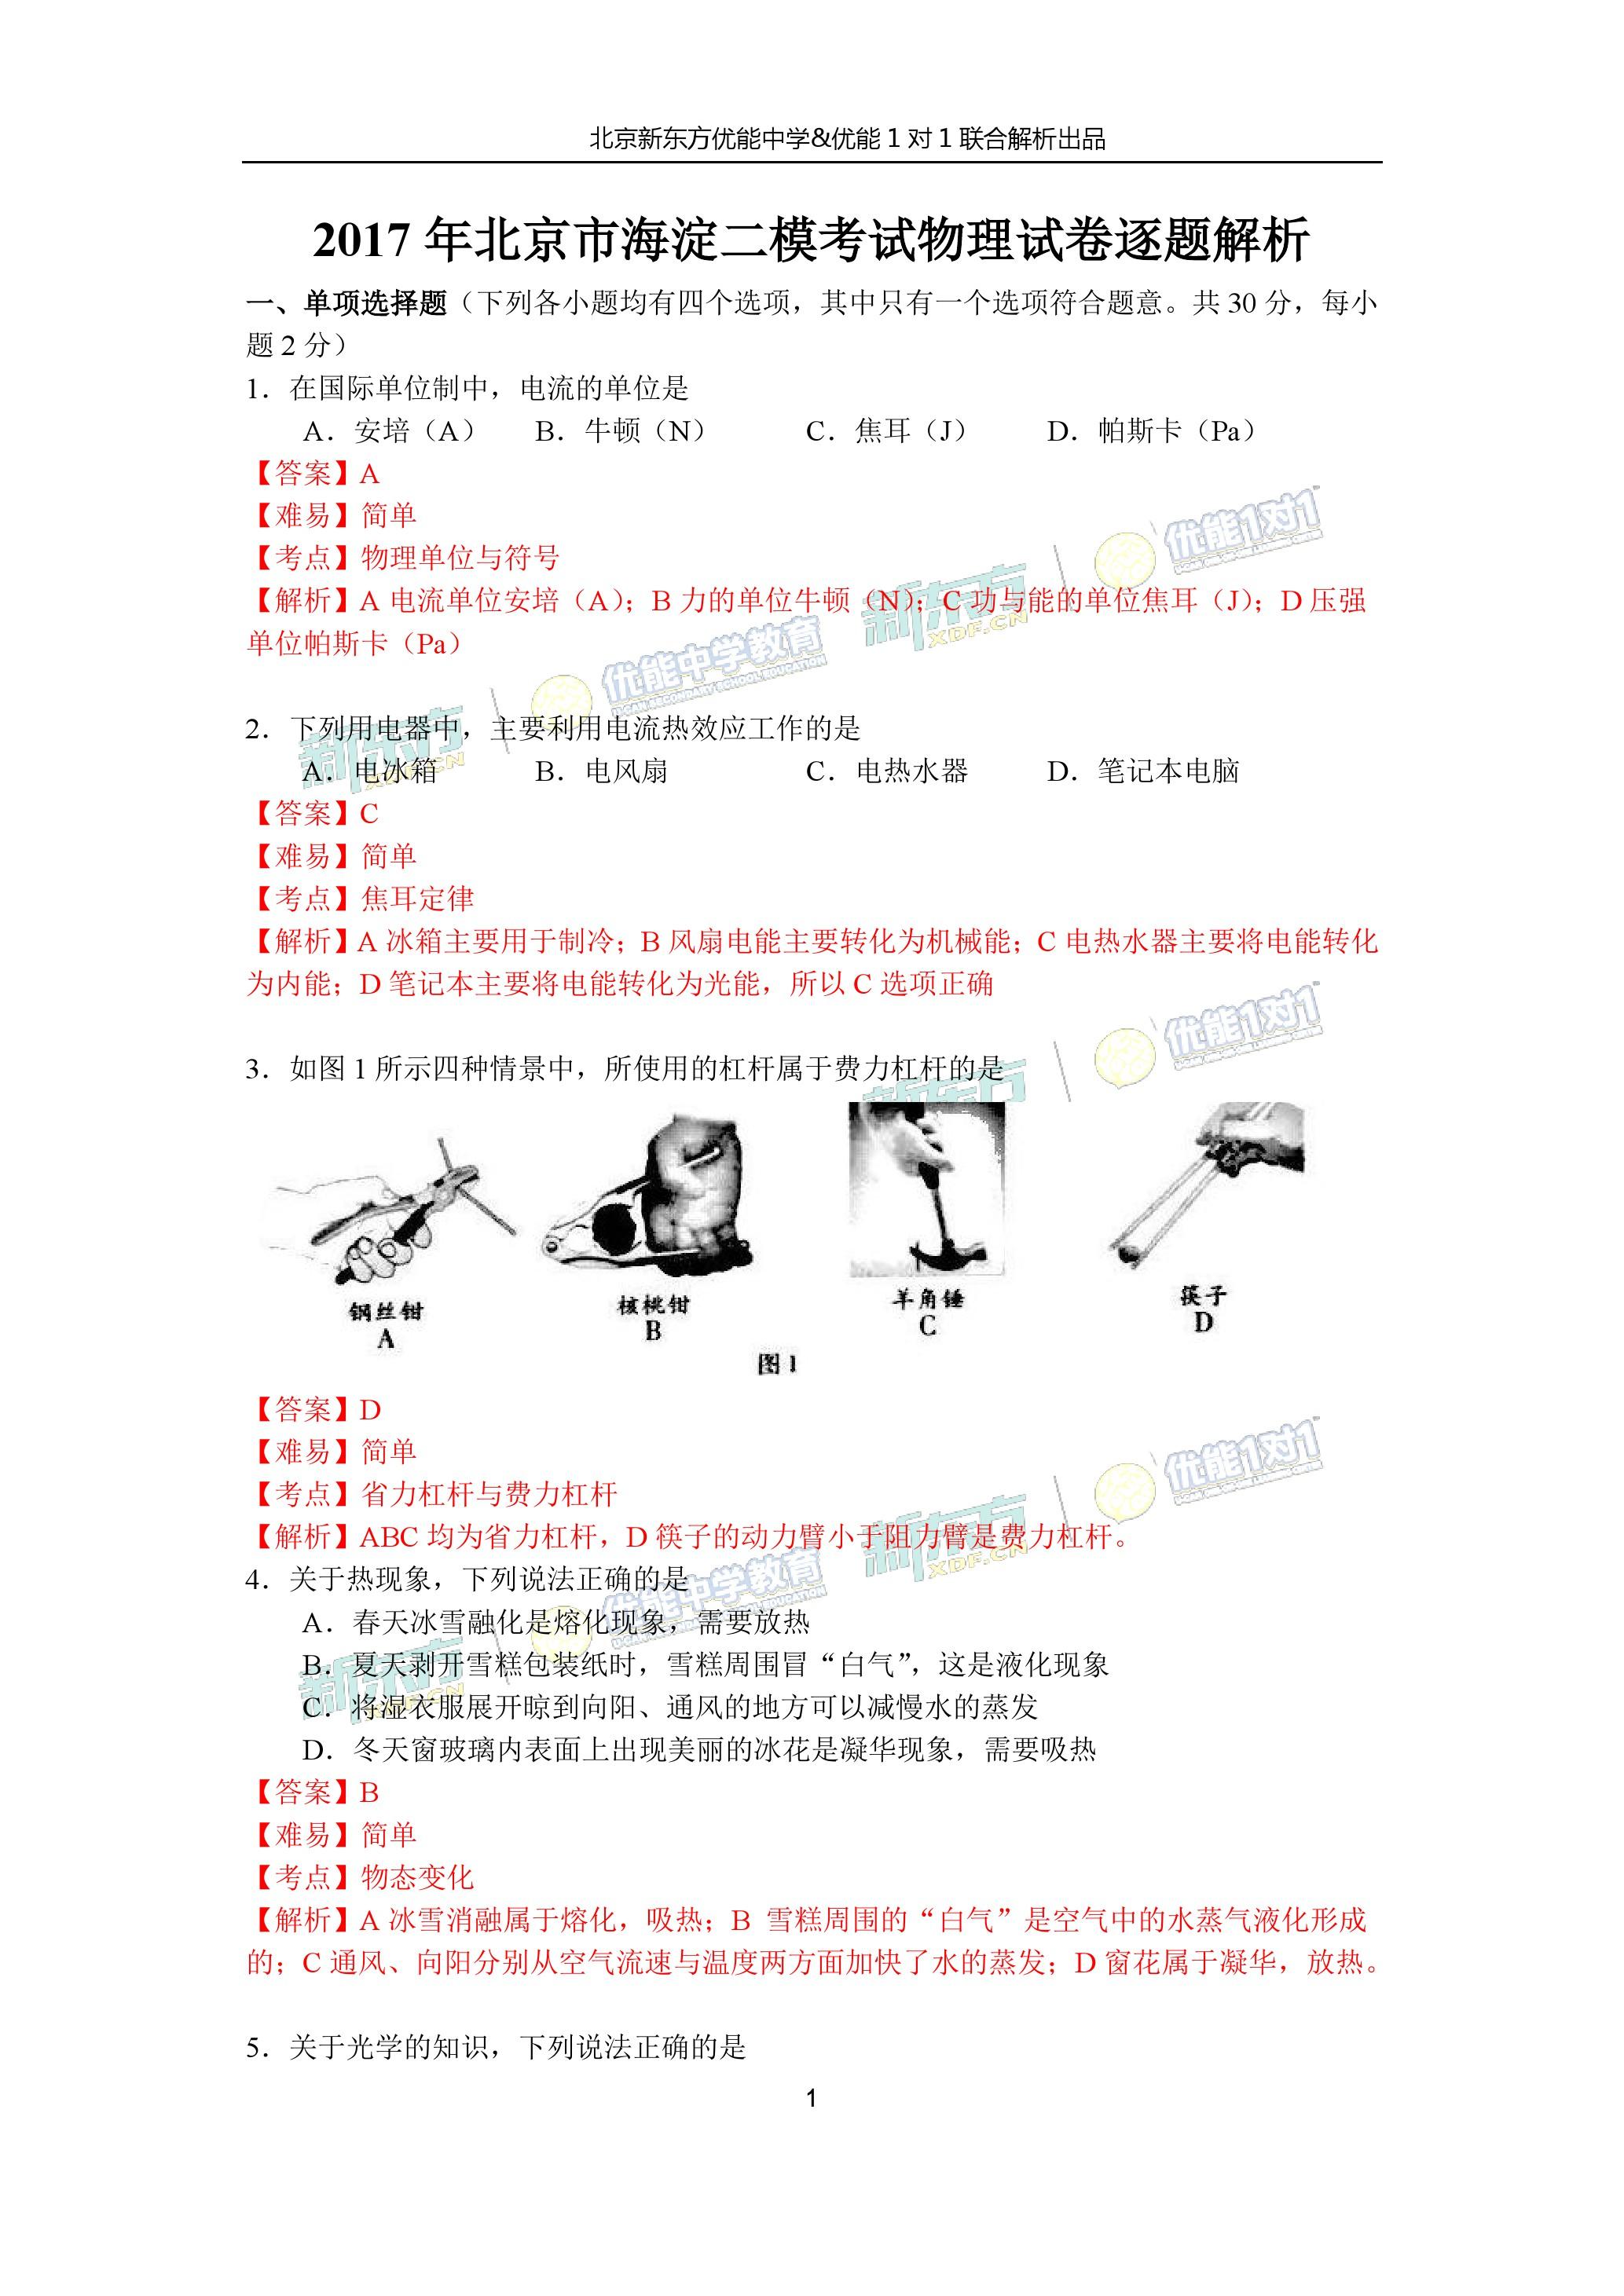 新东方优能名师逐题解析2017海淀区初三二模物理答案(图片版)